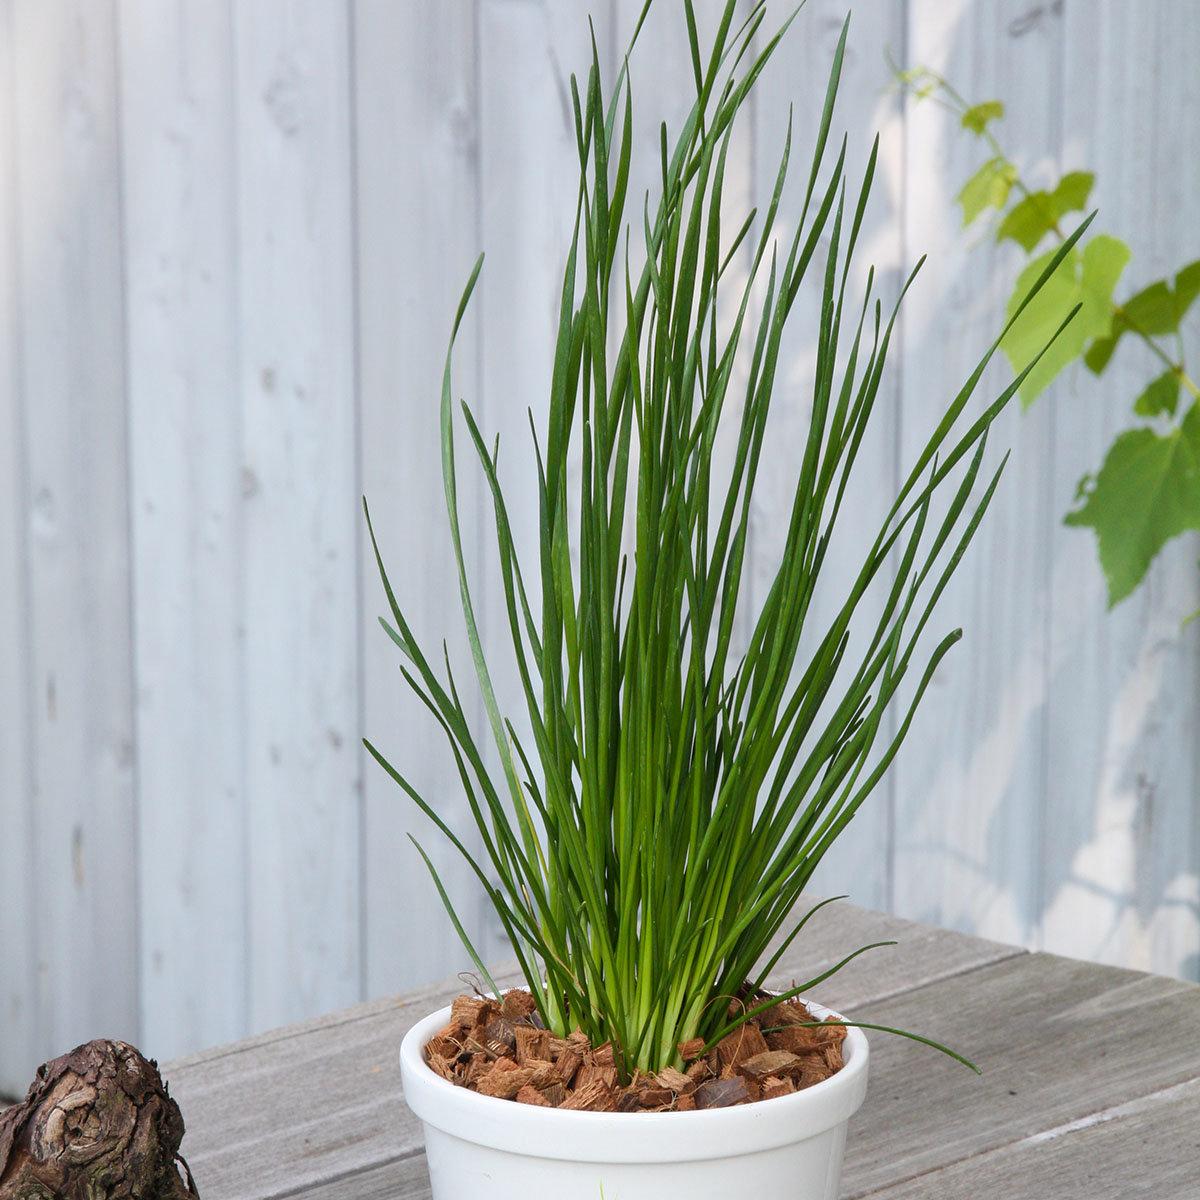 Kräuterpflanze Schnitt-Knoblauch, im ca 12 cm-Topf   #3